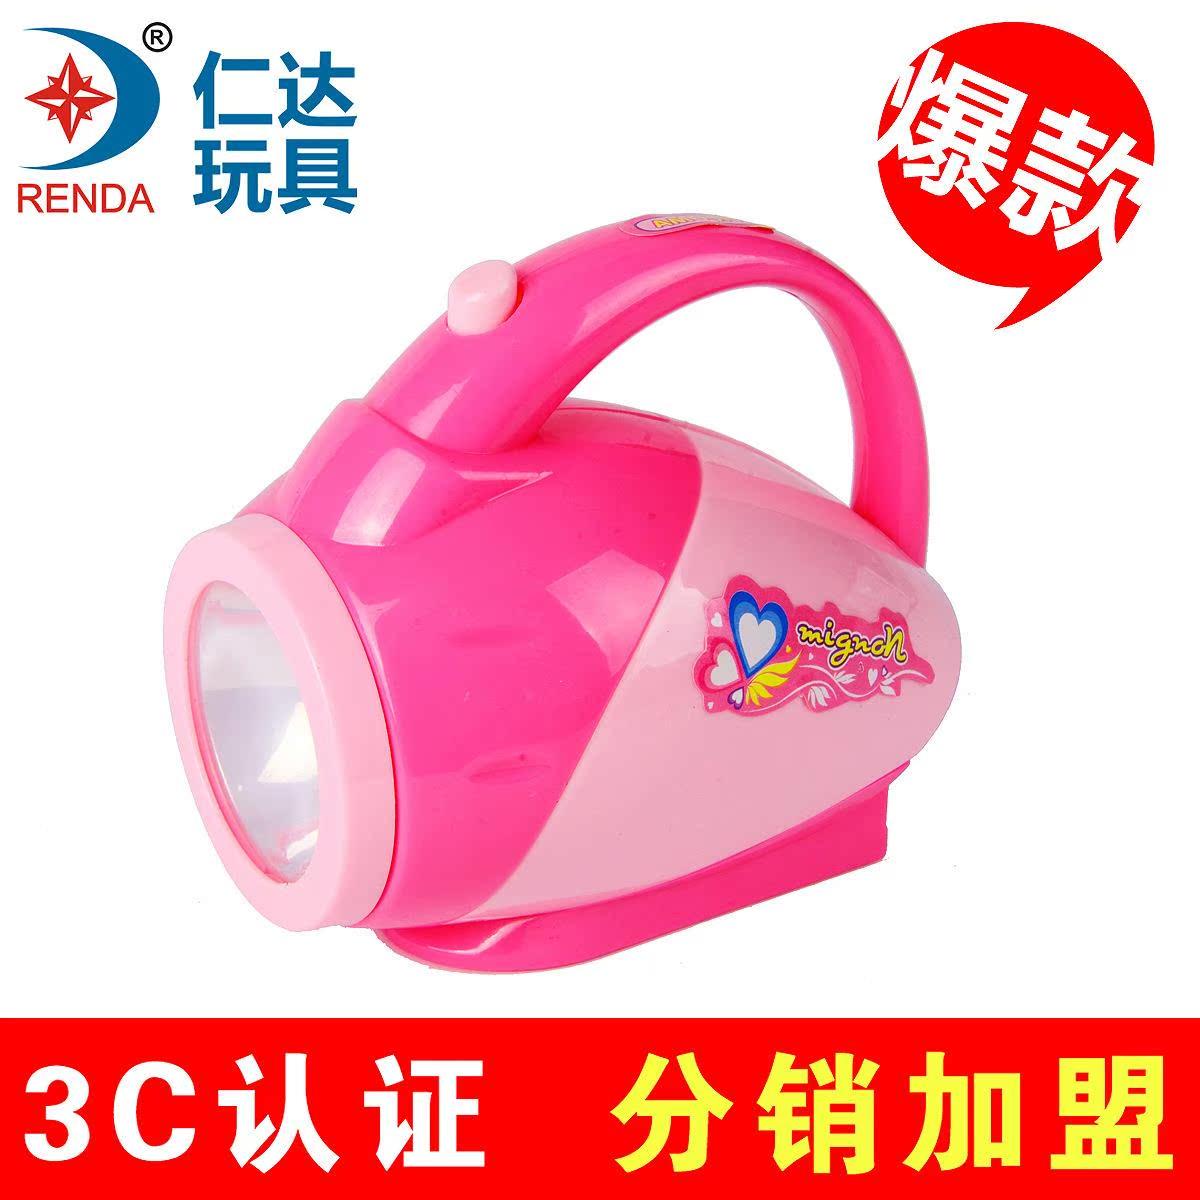 Детский игровой набор Renda rd800226